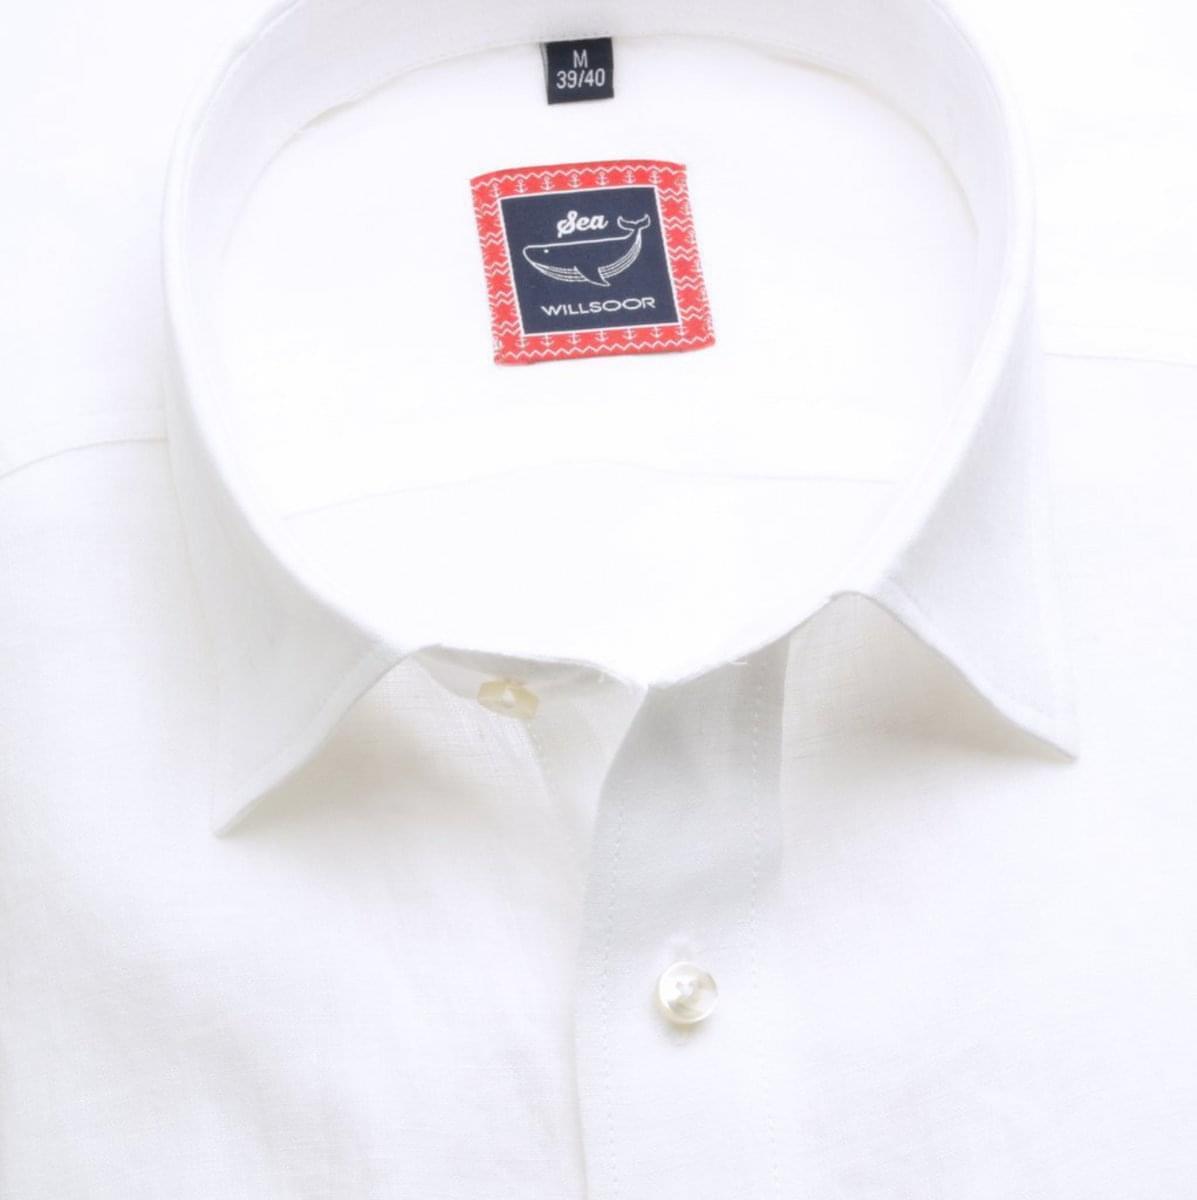 Pánska klasická košeľa (výška 176-182) 6670 v biele farbe 176-182 / L (41/42)